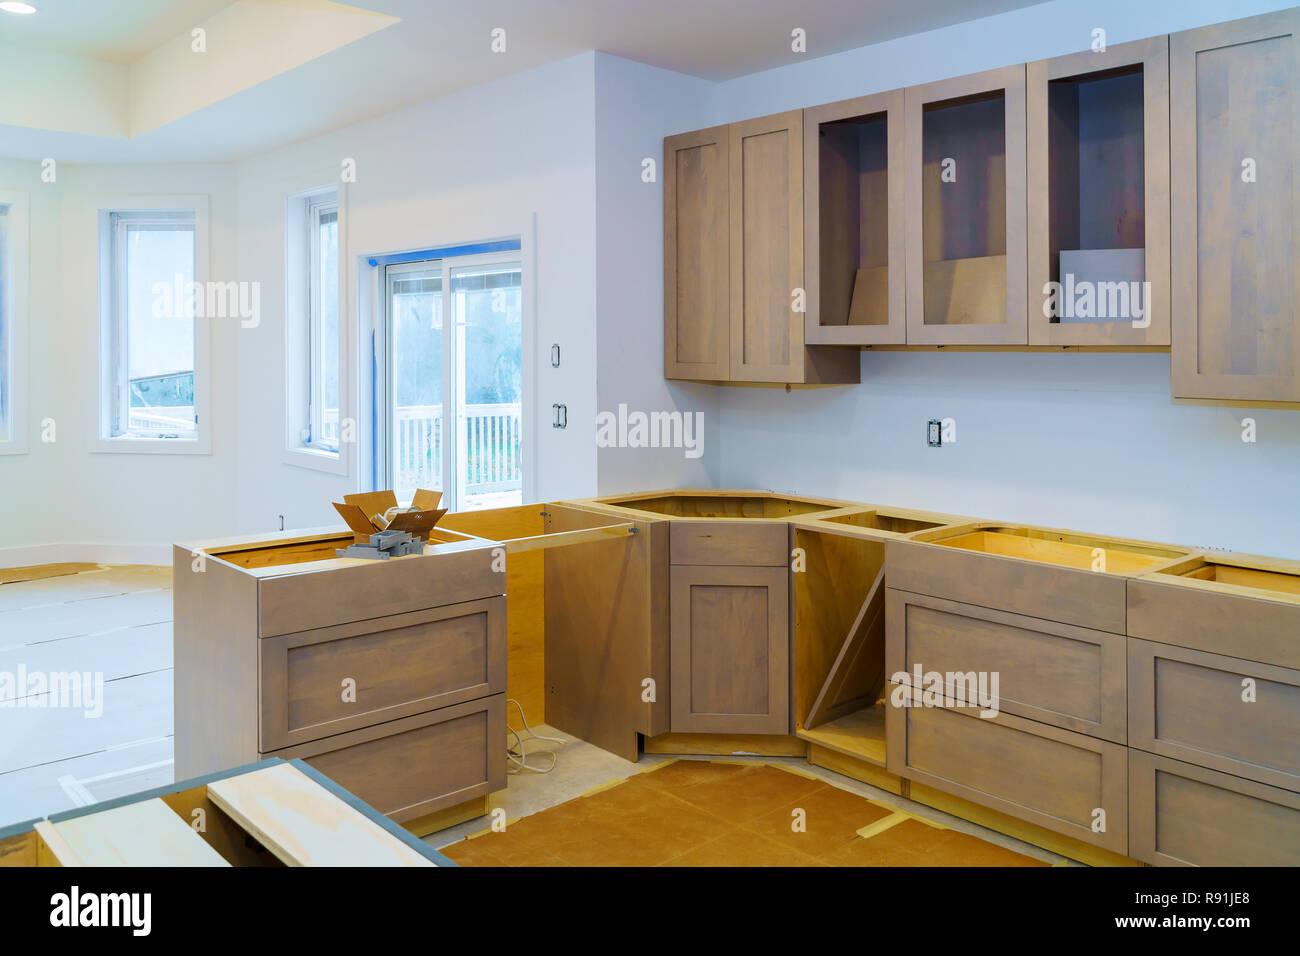 Kuchenschranke Installation Verbesserung Umgestalten Worm Ansicht In Einem Neuen Kuche Installiert Stockfotografie Alamy